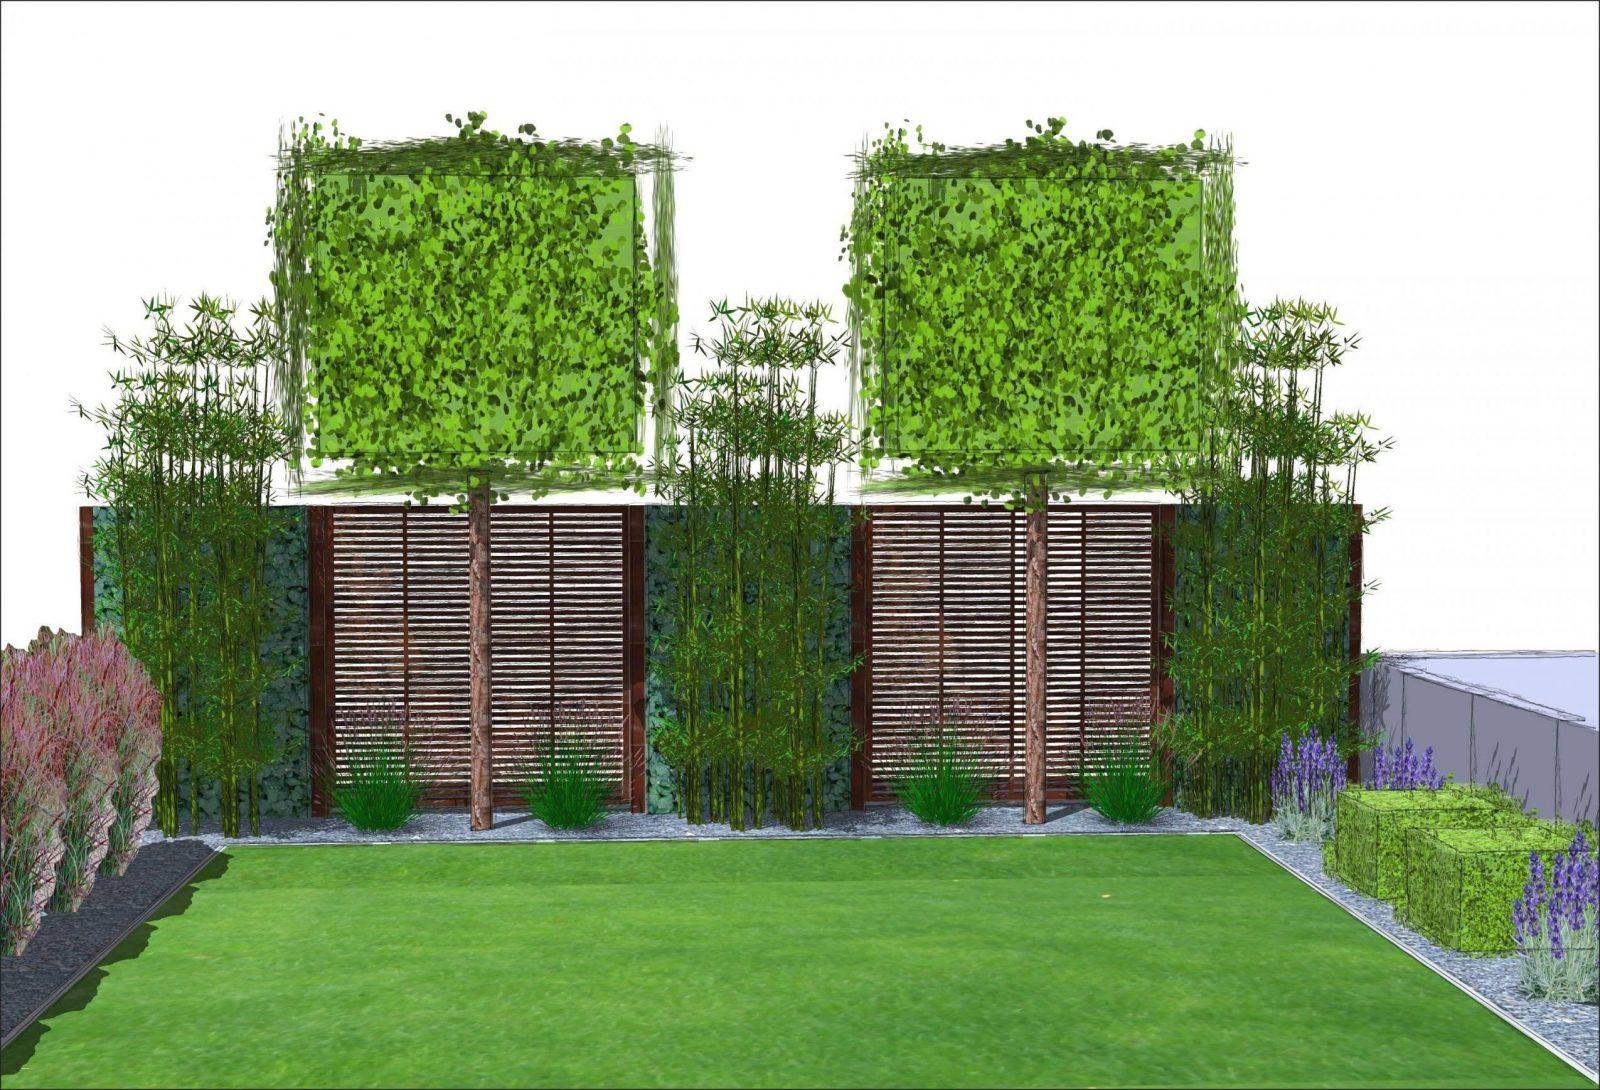 Garten Mit Sichtschutz Gestalten Frisch Garten Ideas Garten Hecke von Schmale Hecke Als Sichtschutz Photo